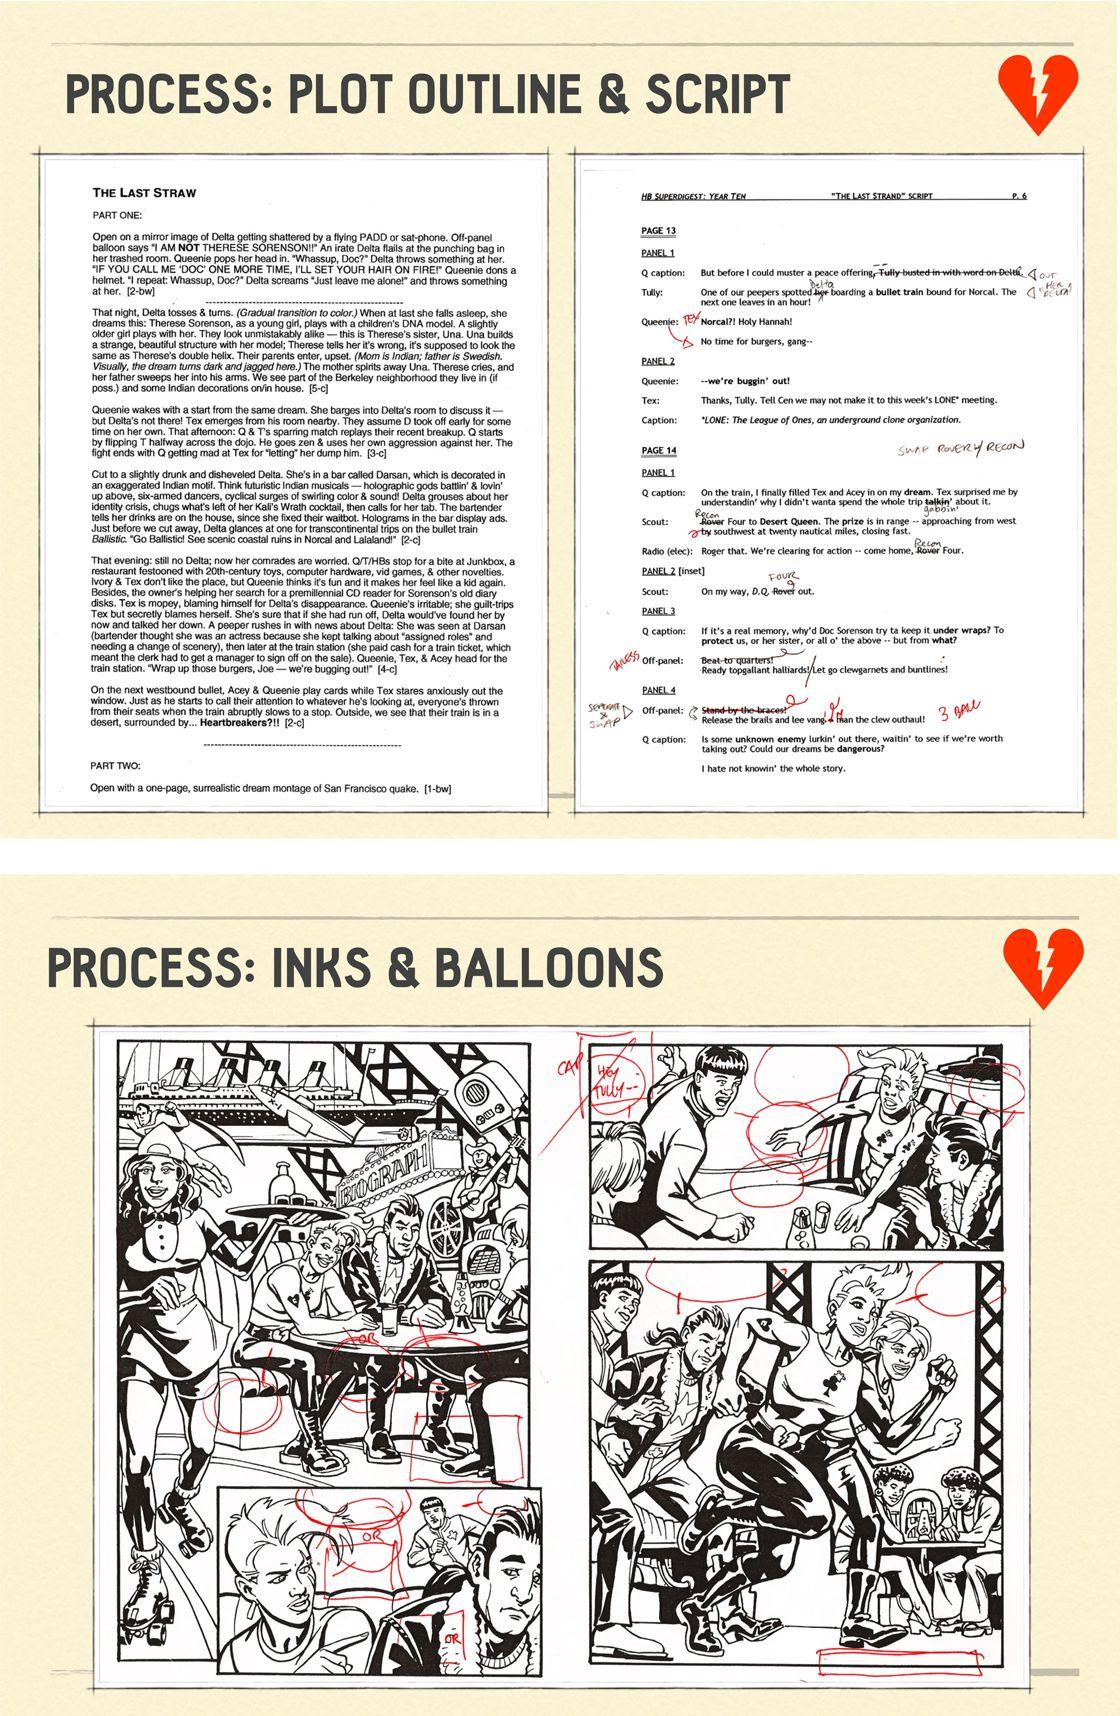 005 Dreaded Comic Book Script Sample Image  Marvel CeltxFull